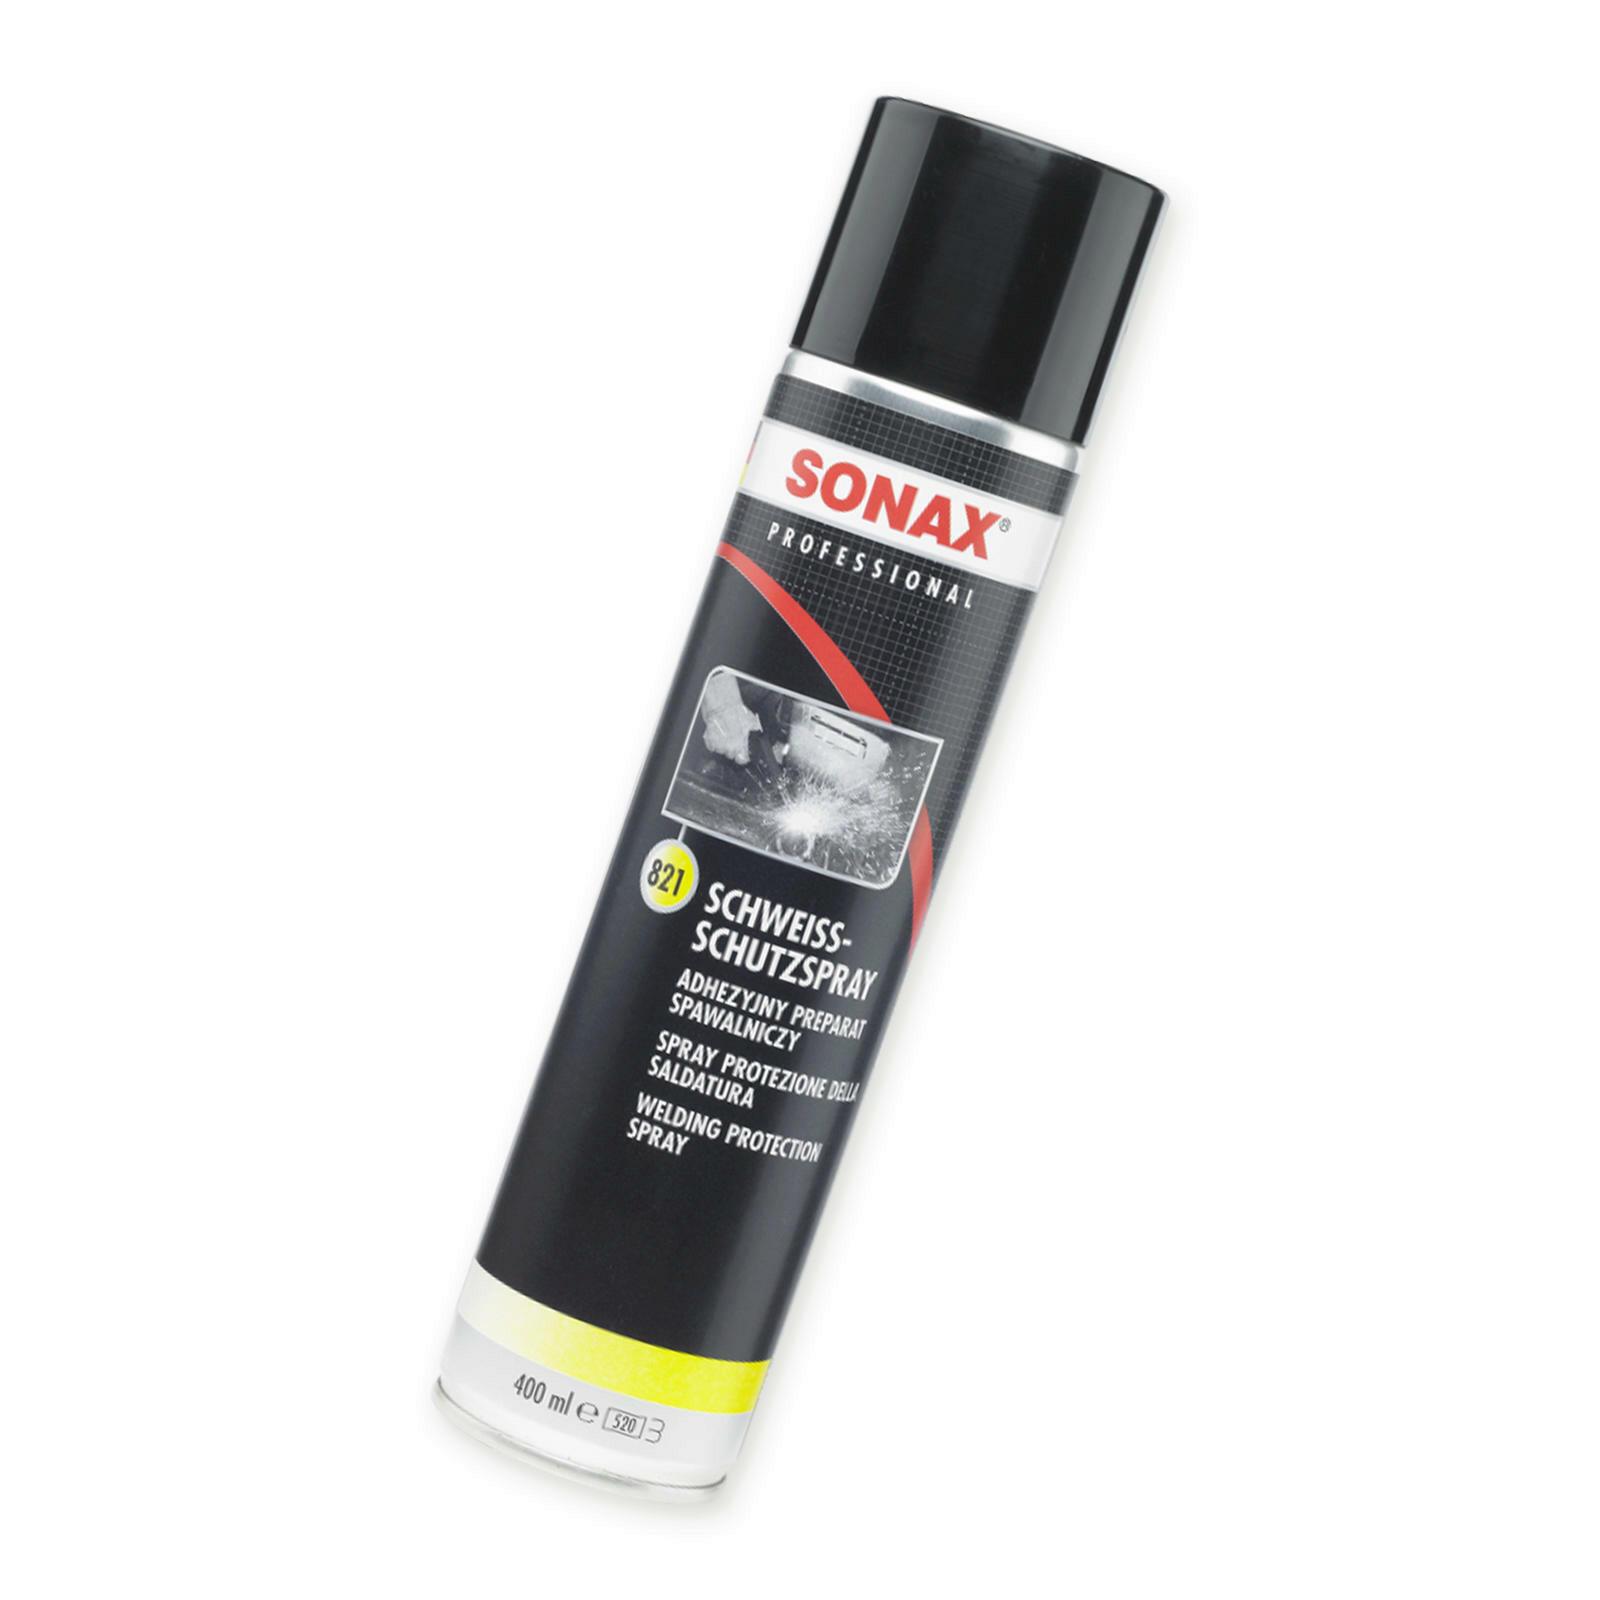 SONAX PROFESSIONAL SchweißSchutzSpray 400ml